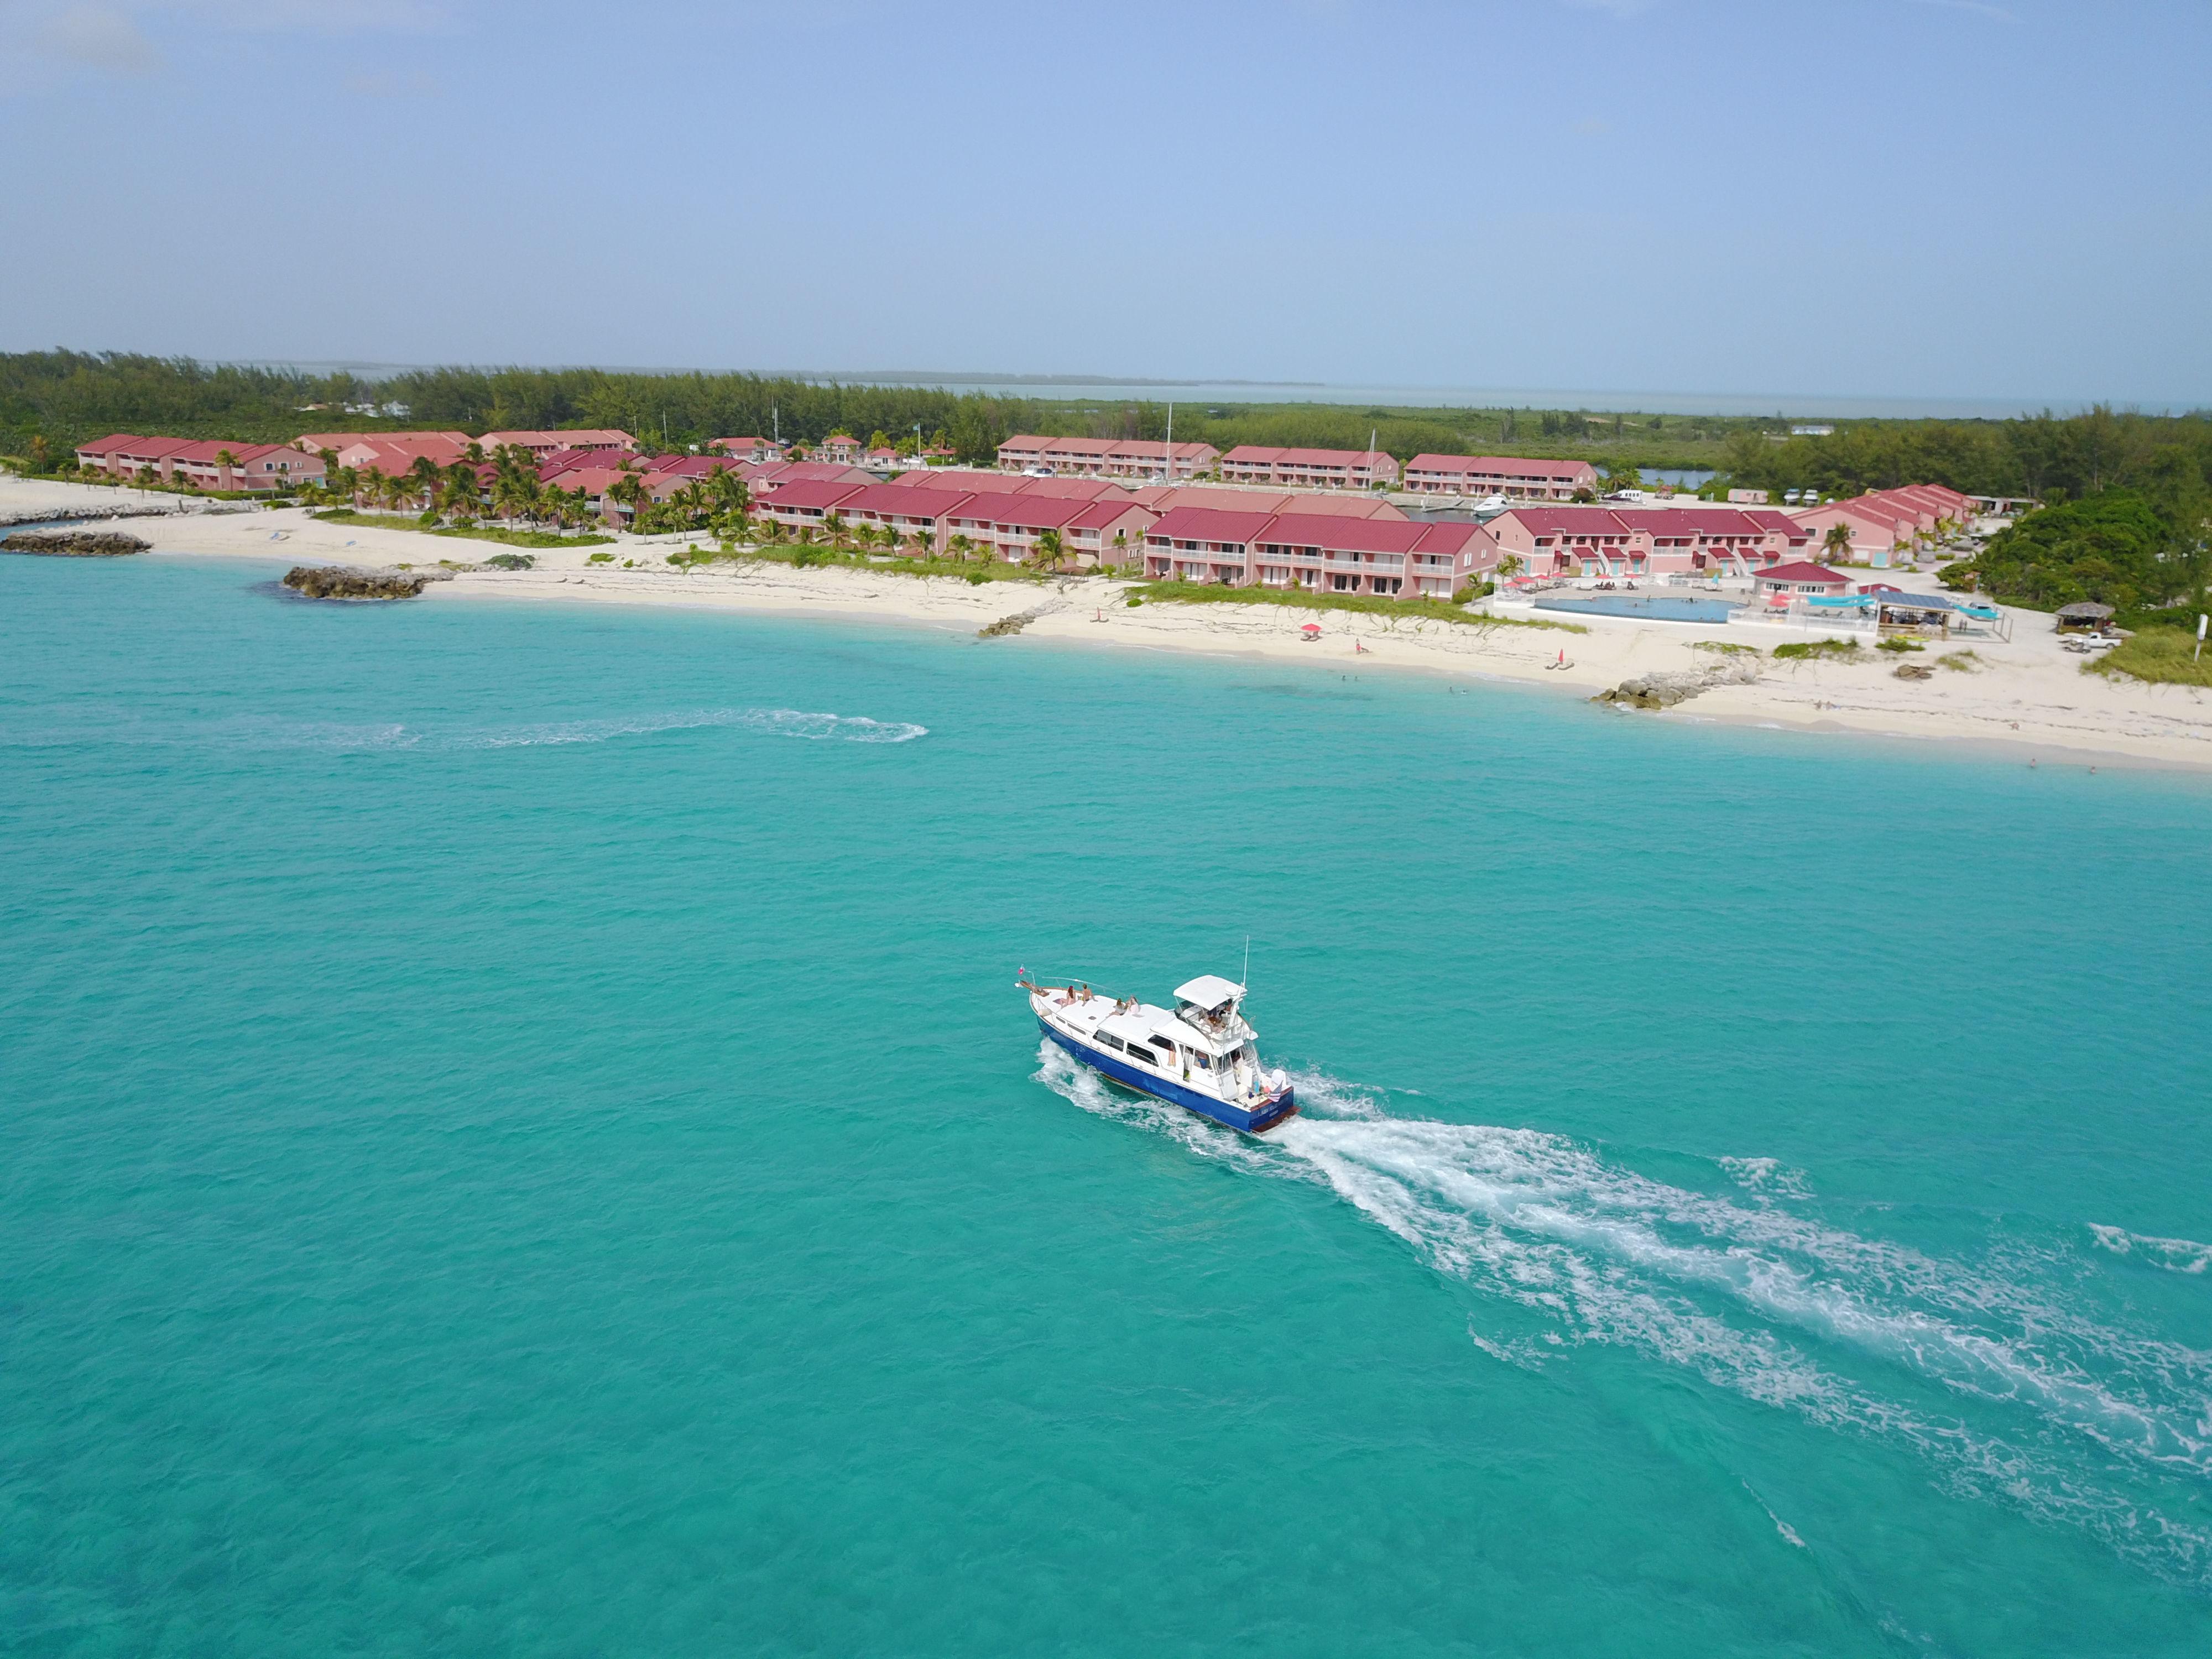 Bimini Sands Resort Marina And Beach